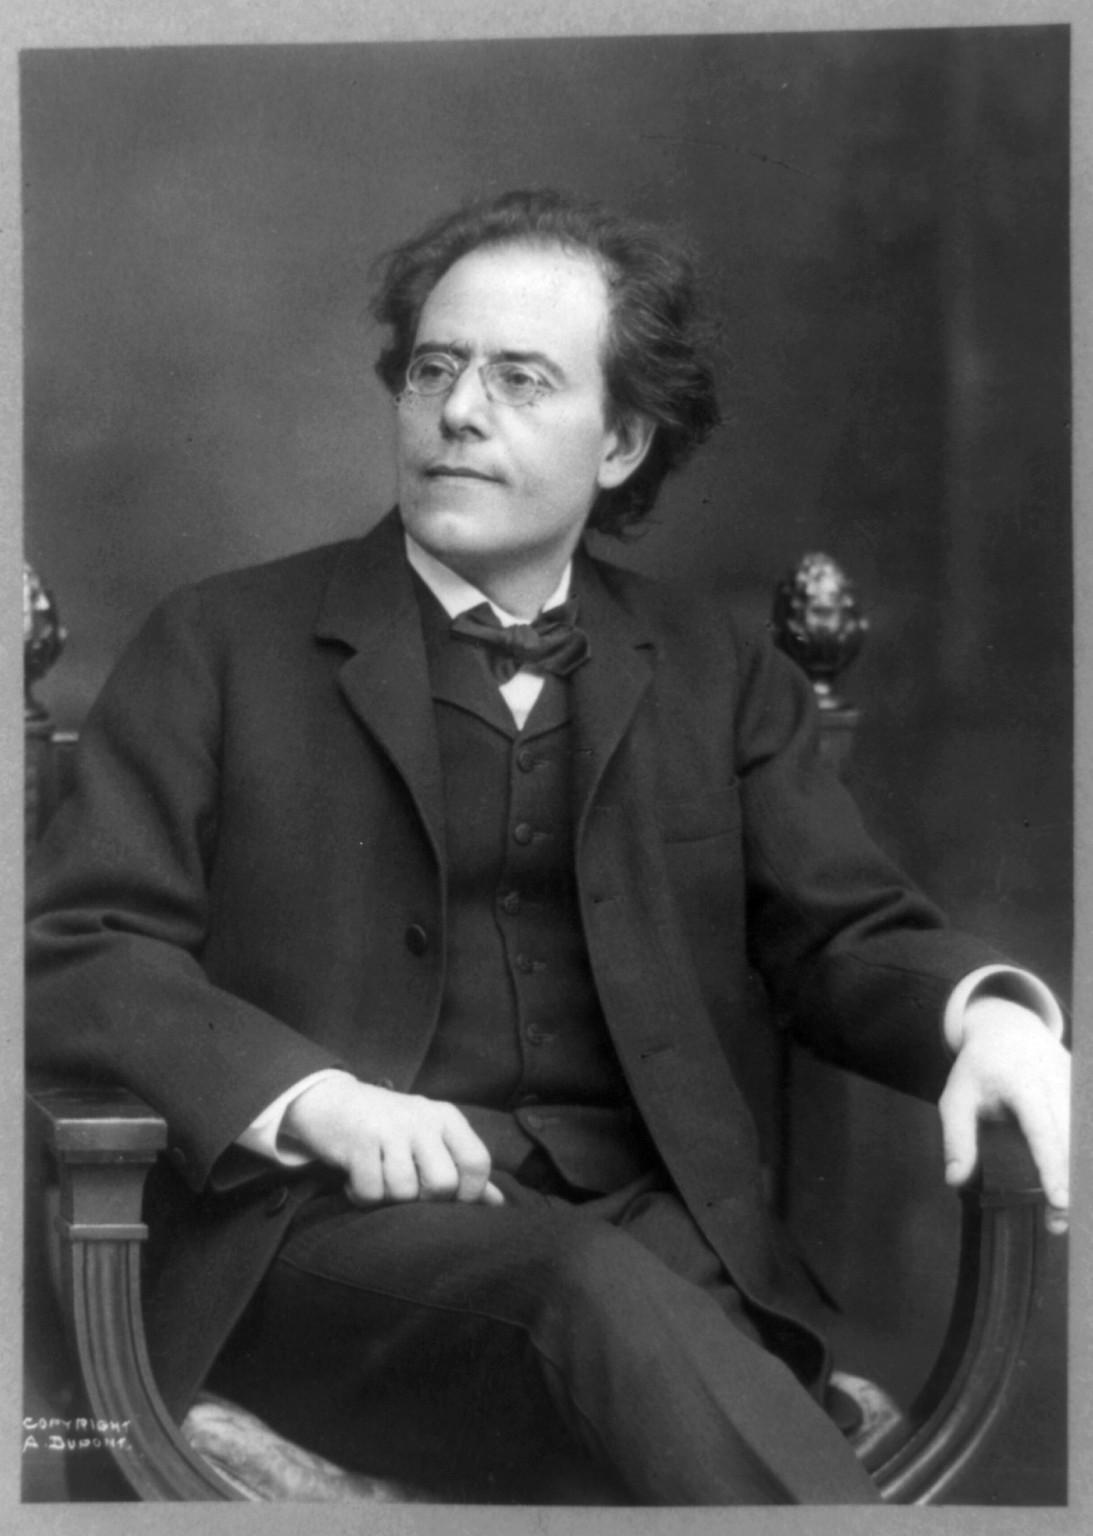 Na startu nadějné hudební kariéry se rozhodne Mahler Jihlavu opustit. Příliš mu připomíná otce.